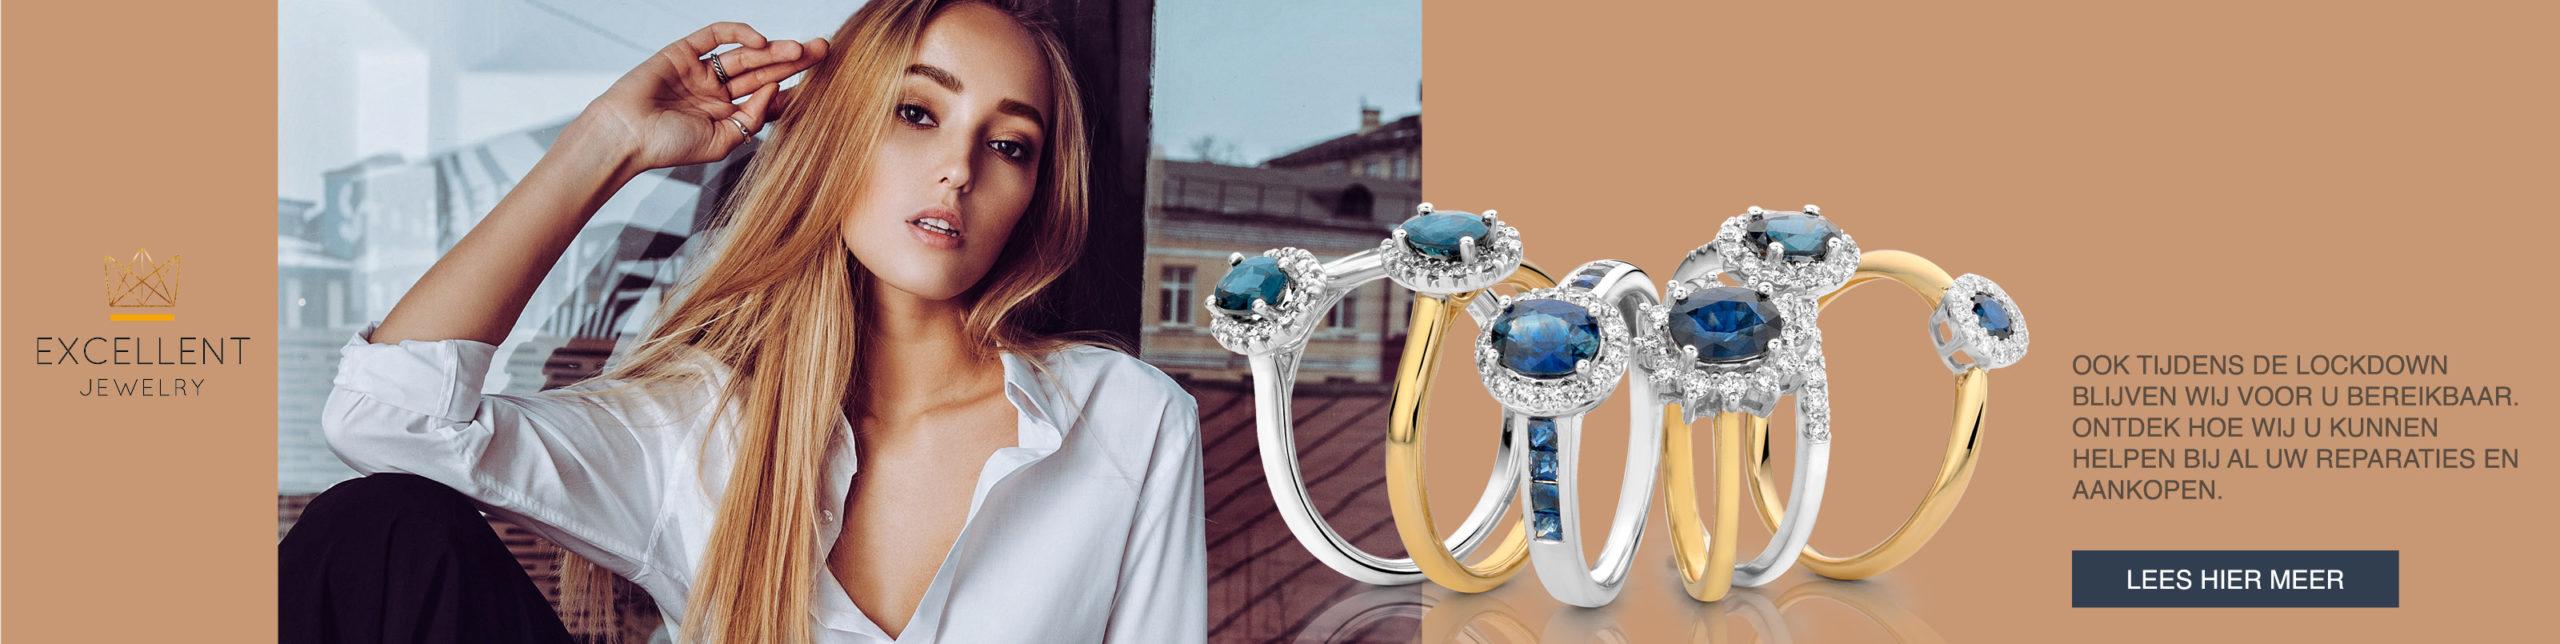 Juwelier wolters lockdown corona